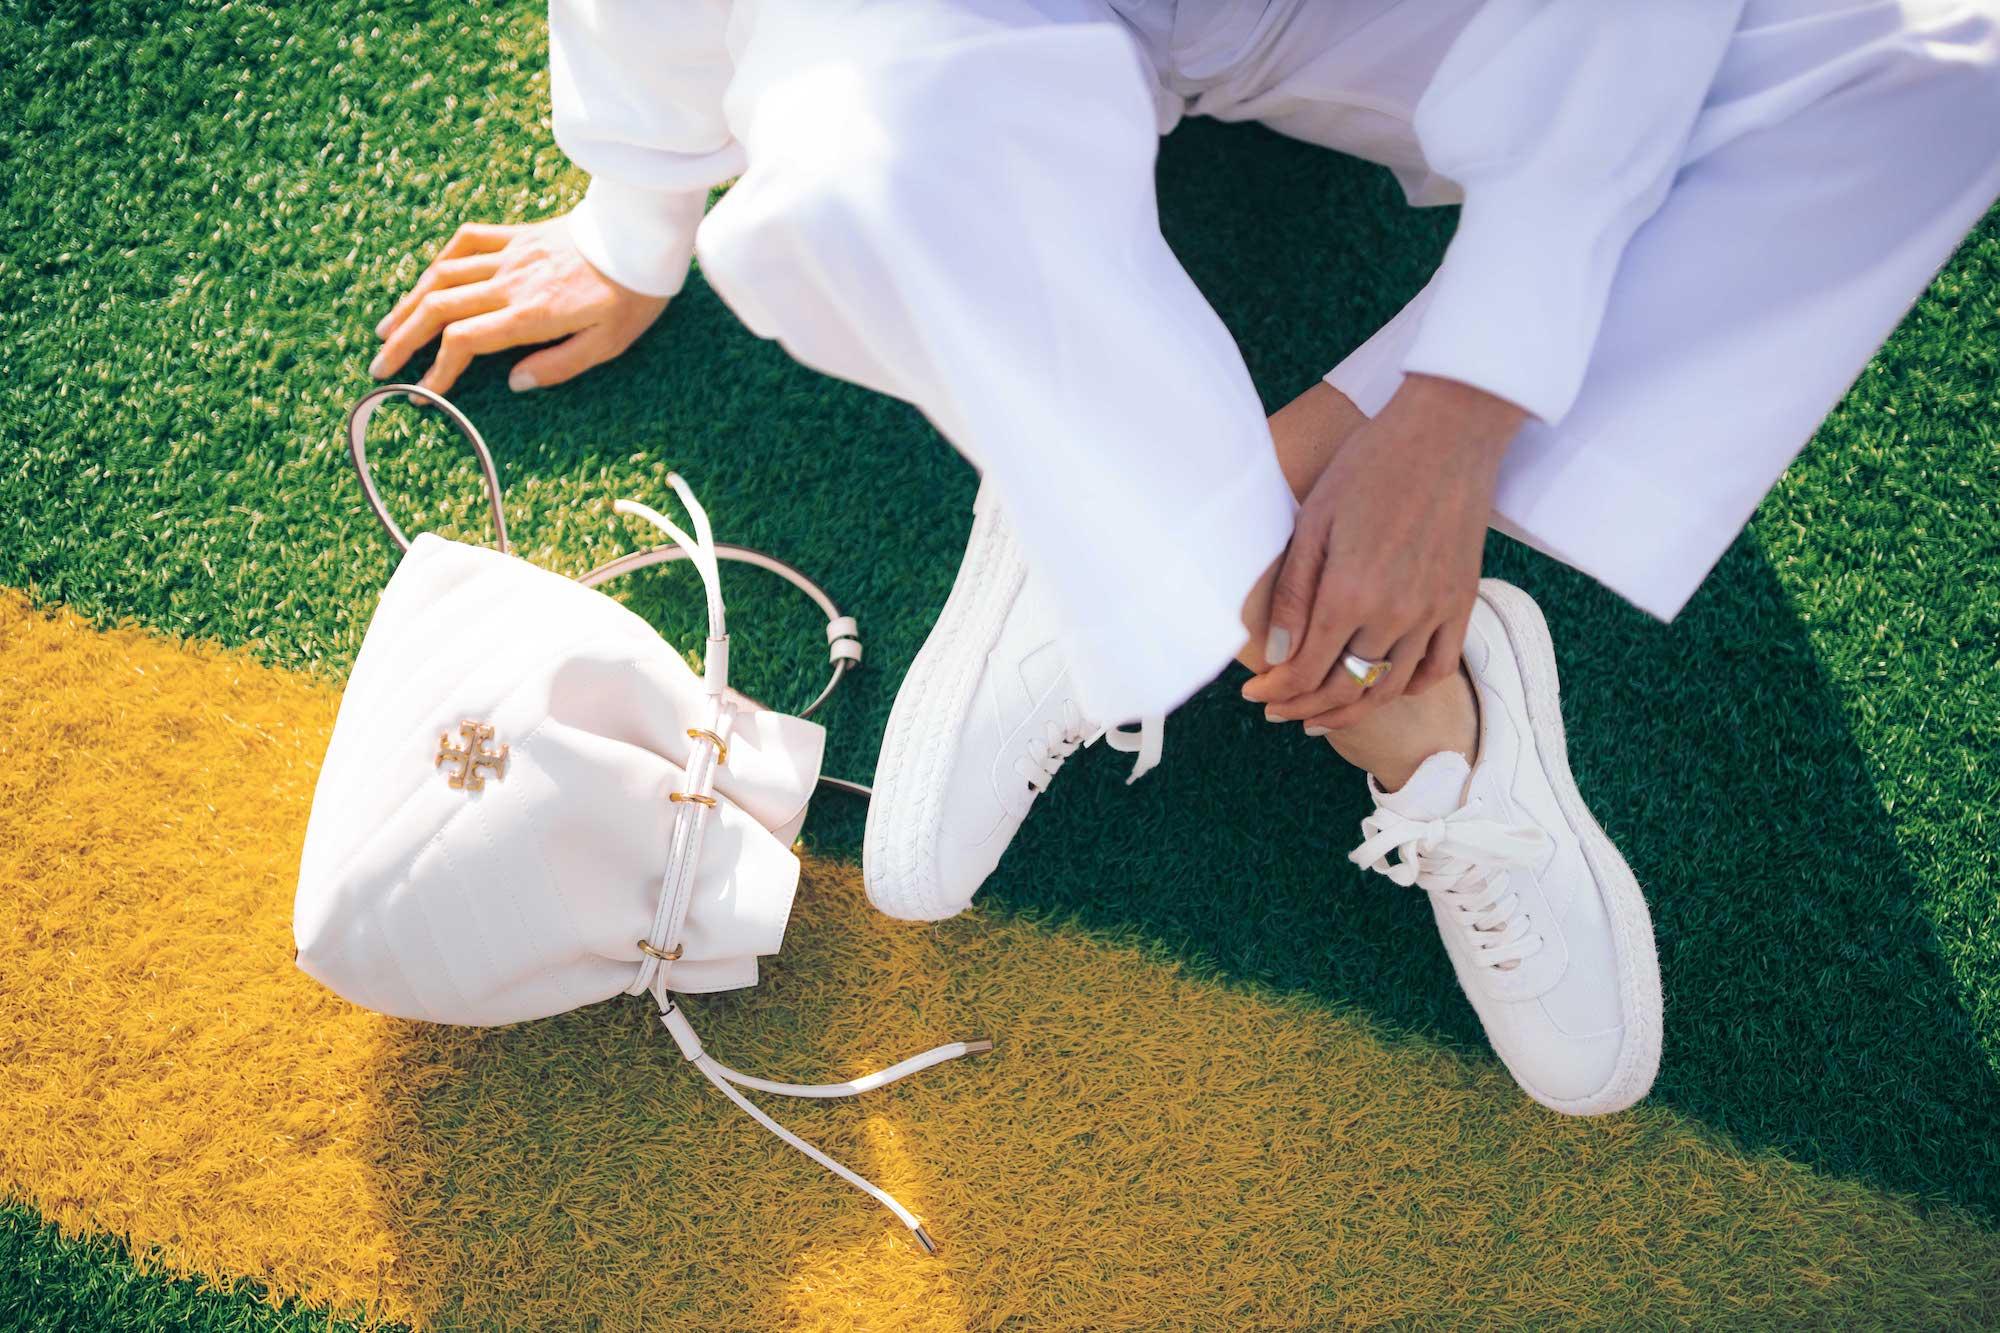 木村多江「ヒールなしの靴」